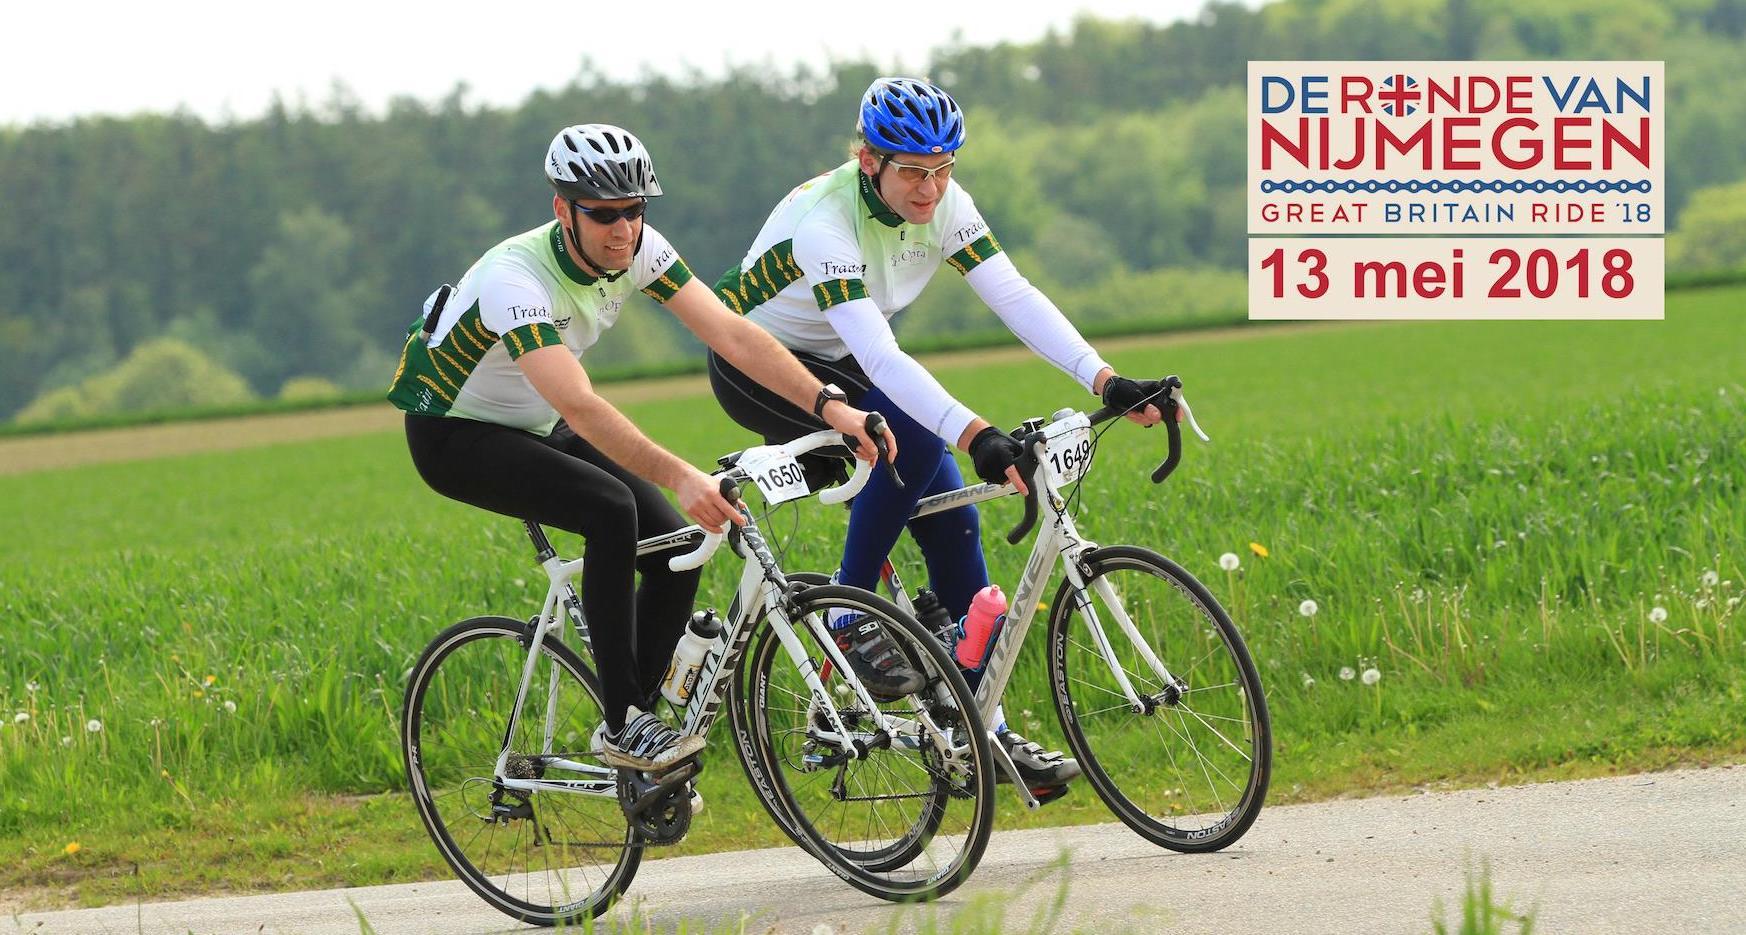 Regenachtige Ronde van Nijmegen 2018